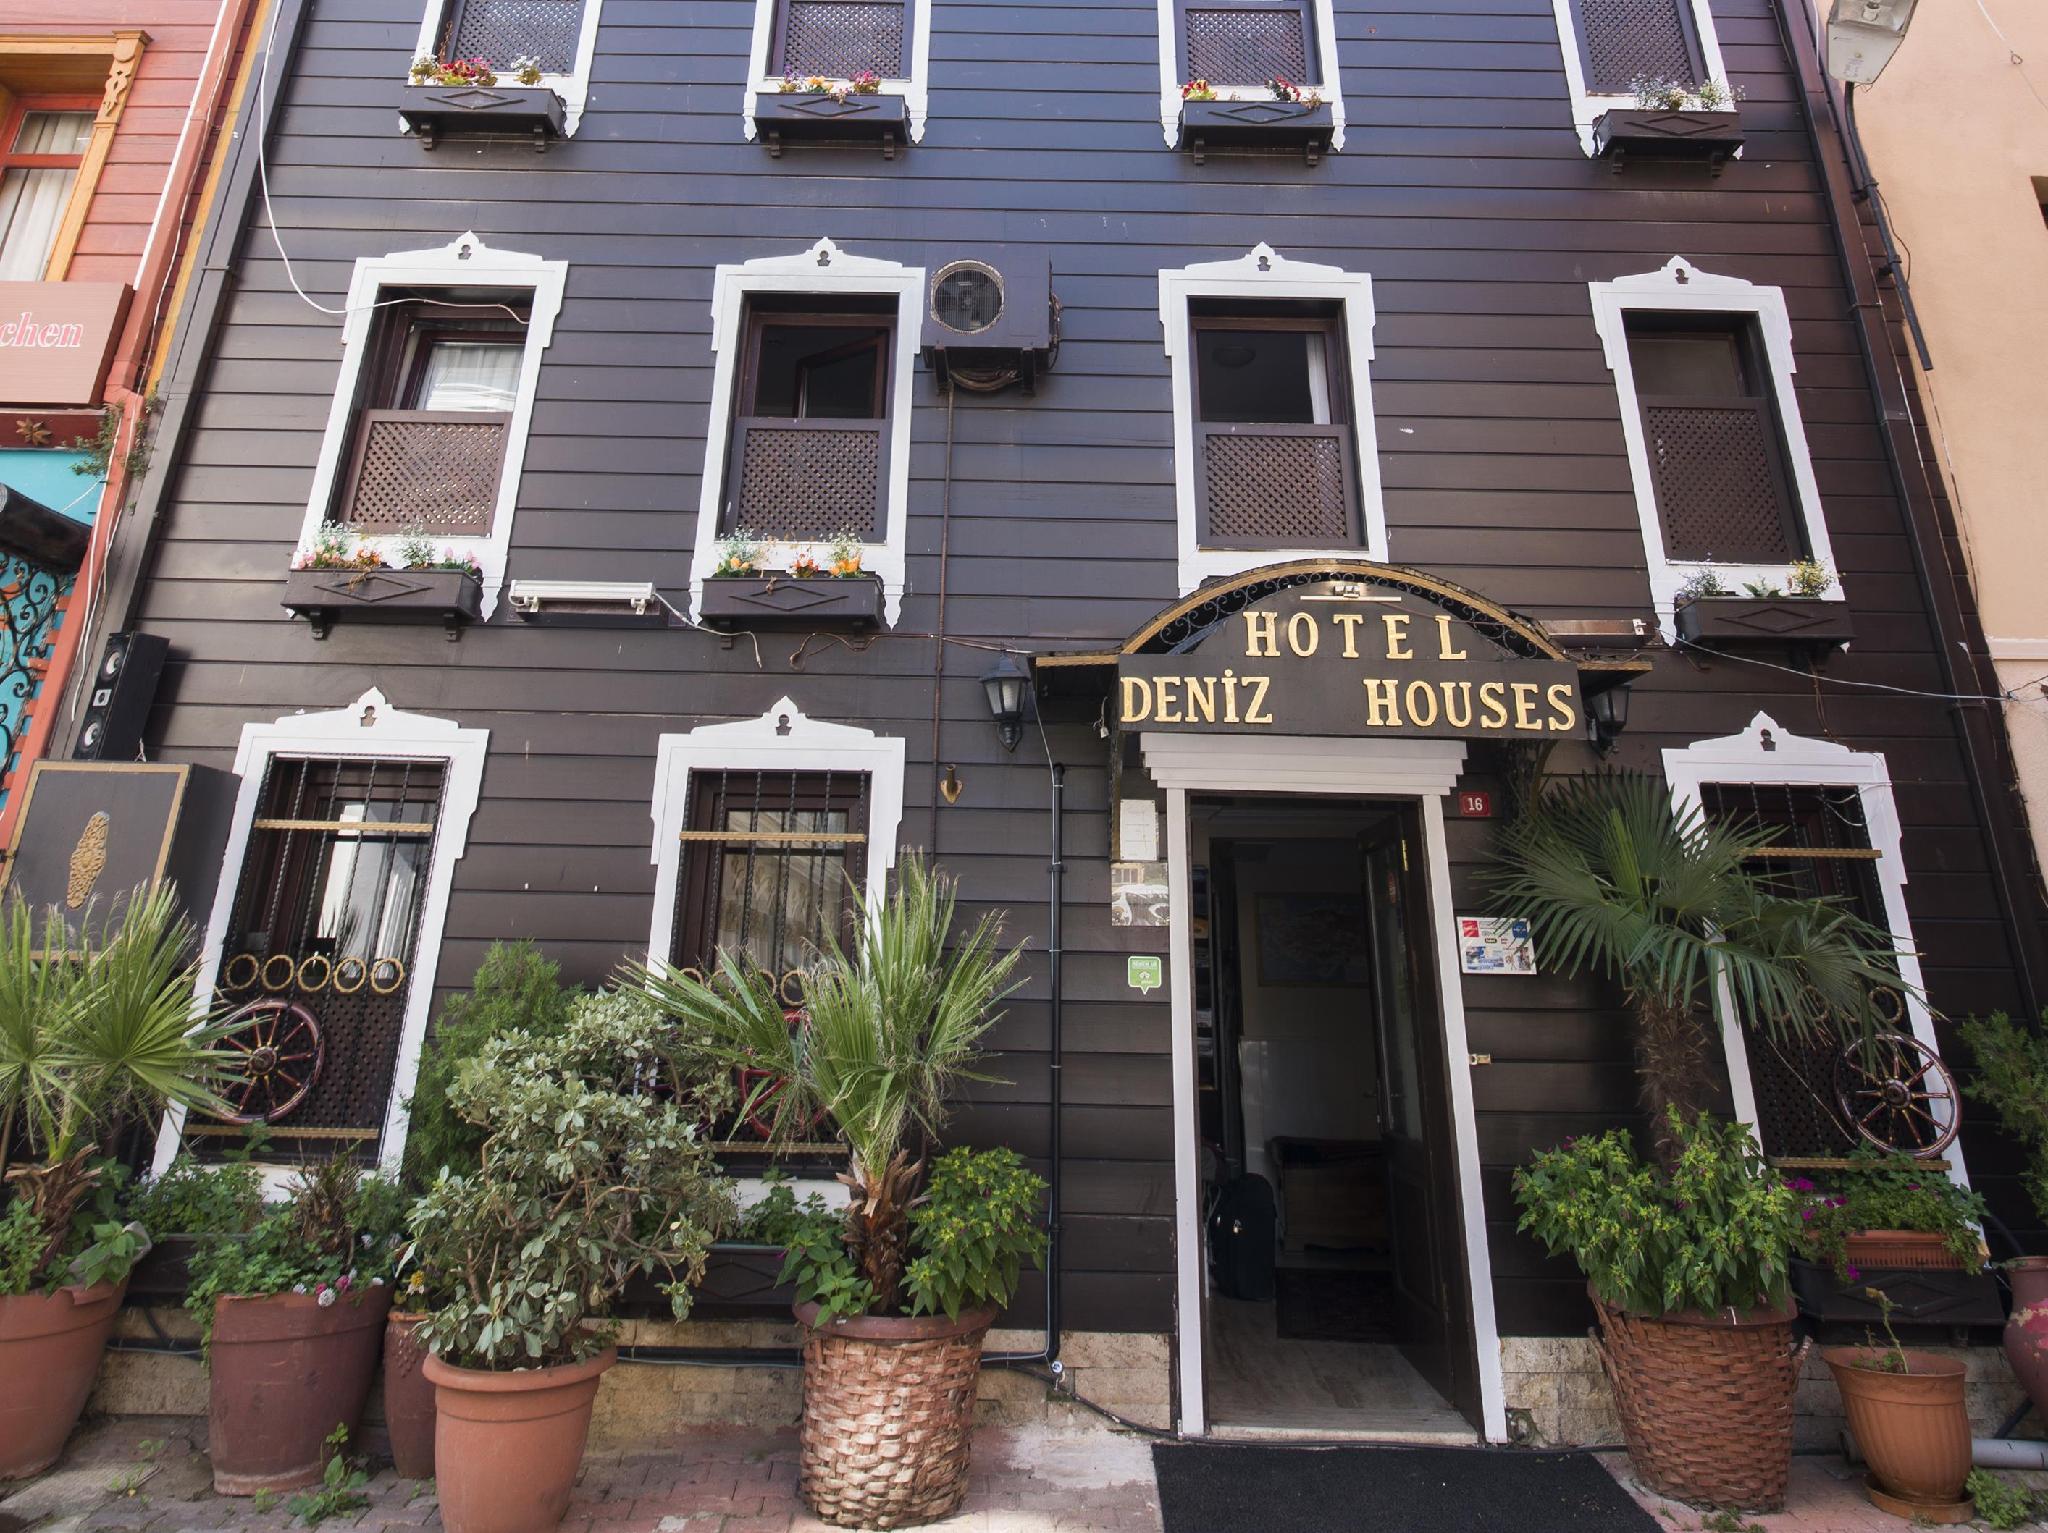 Deniz Houses Hotel